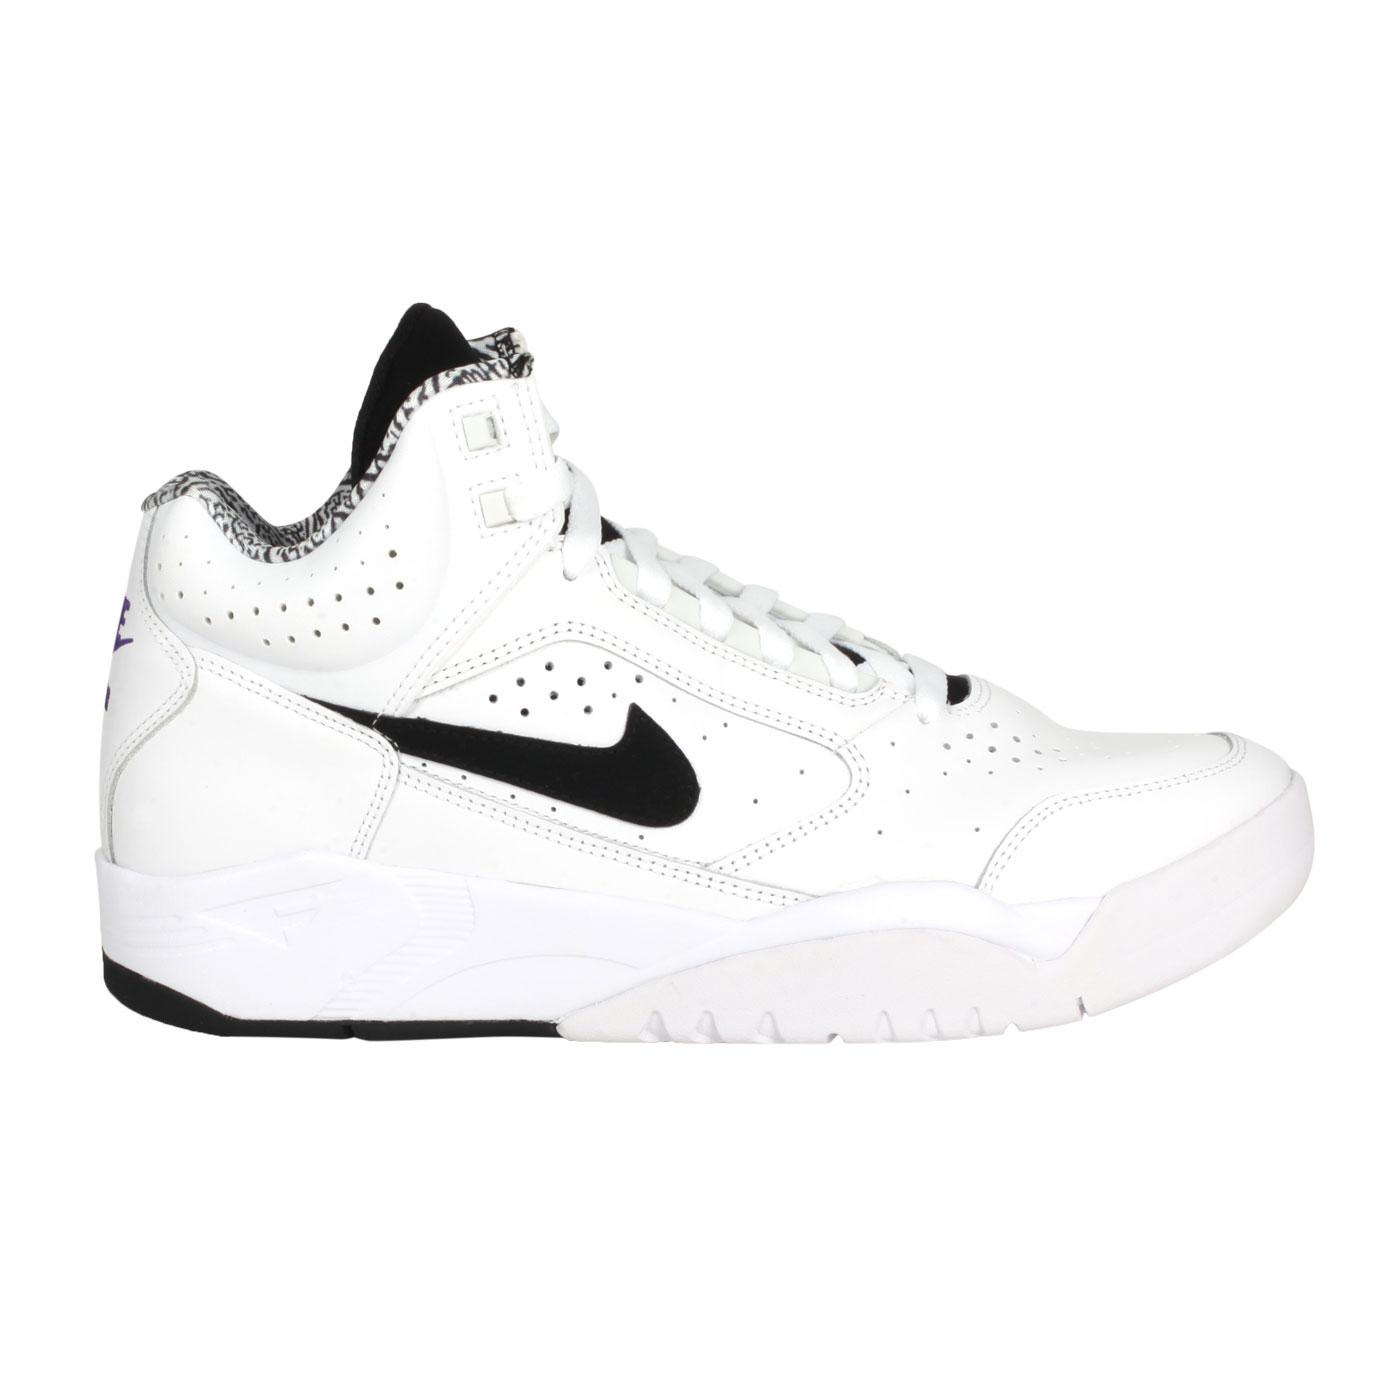 NIKE 男款籃球鞋  @AIR FLIGHT LITE MID@DJ2518-100